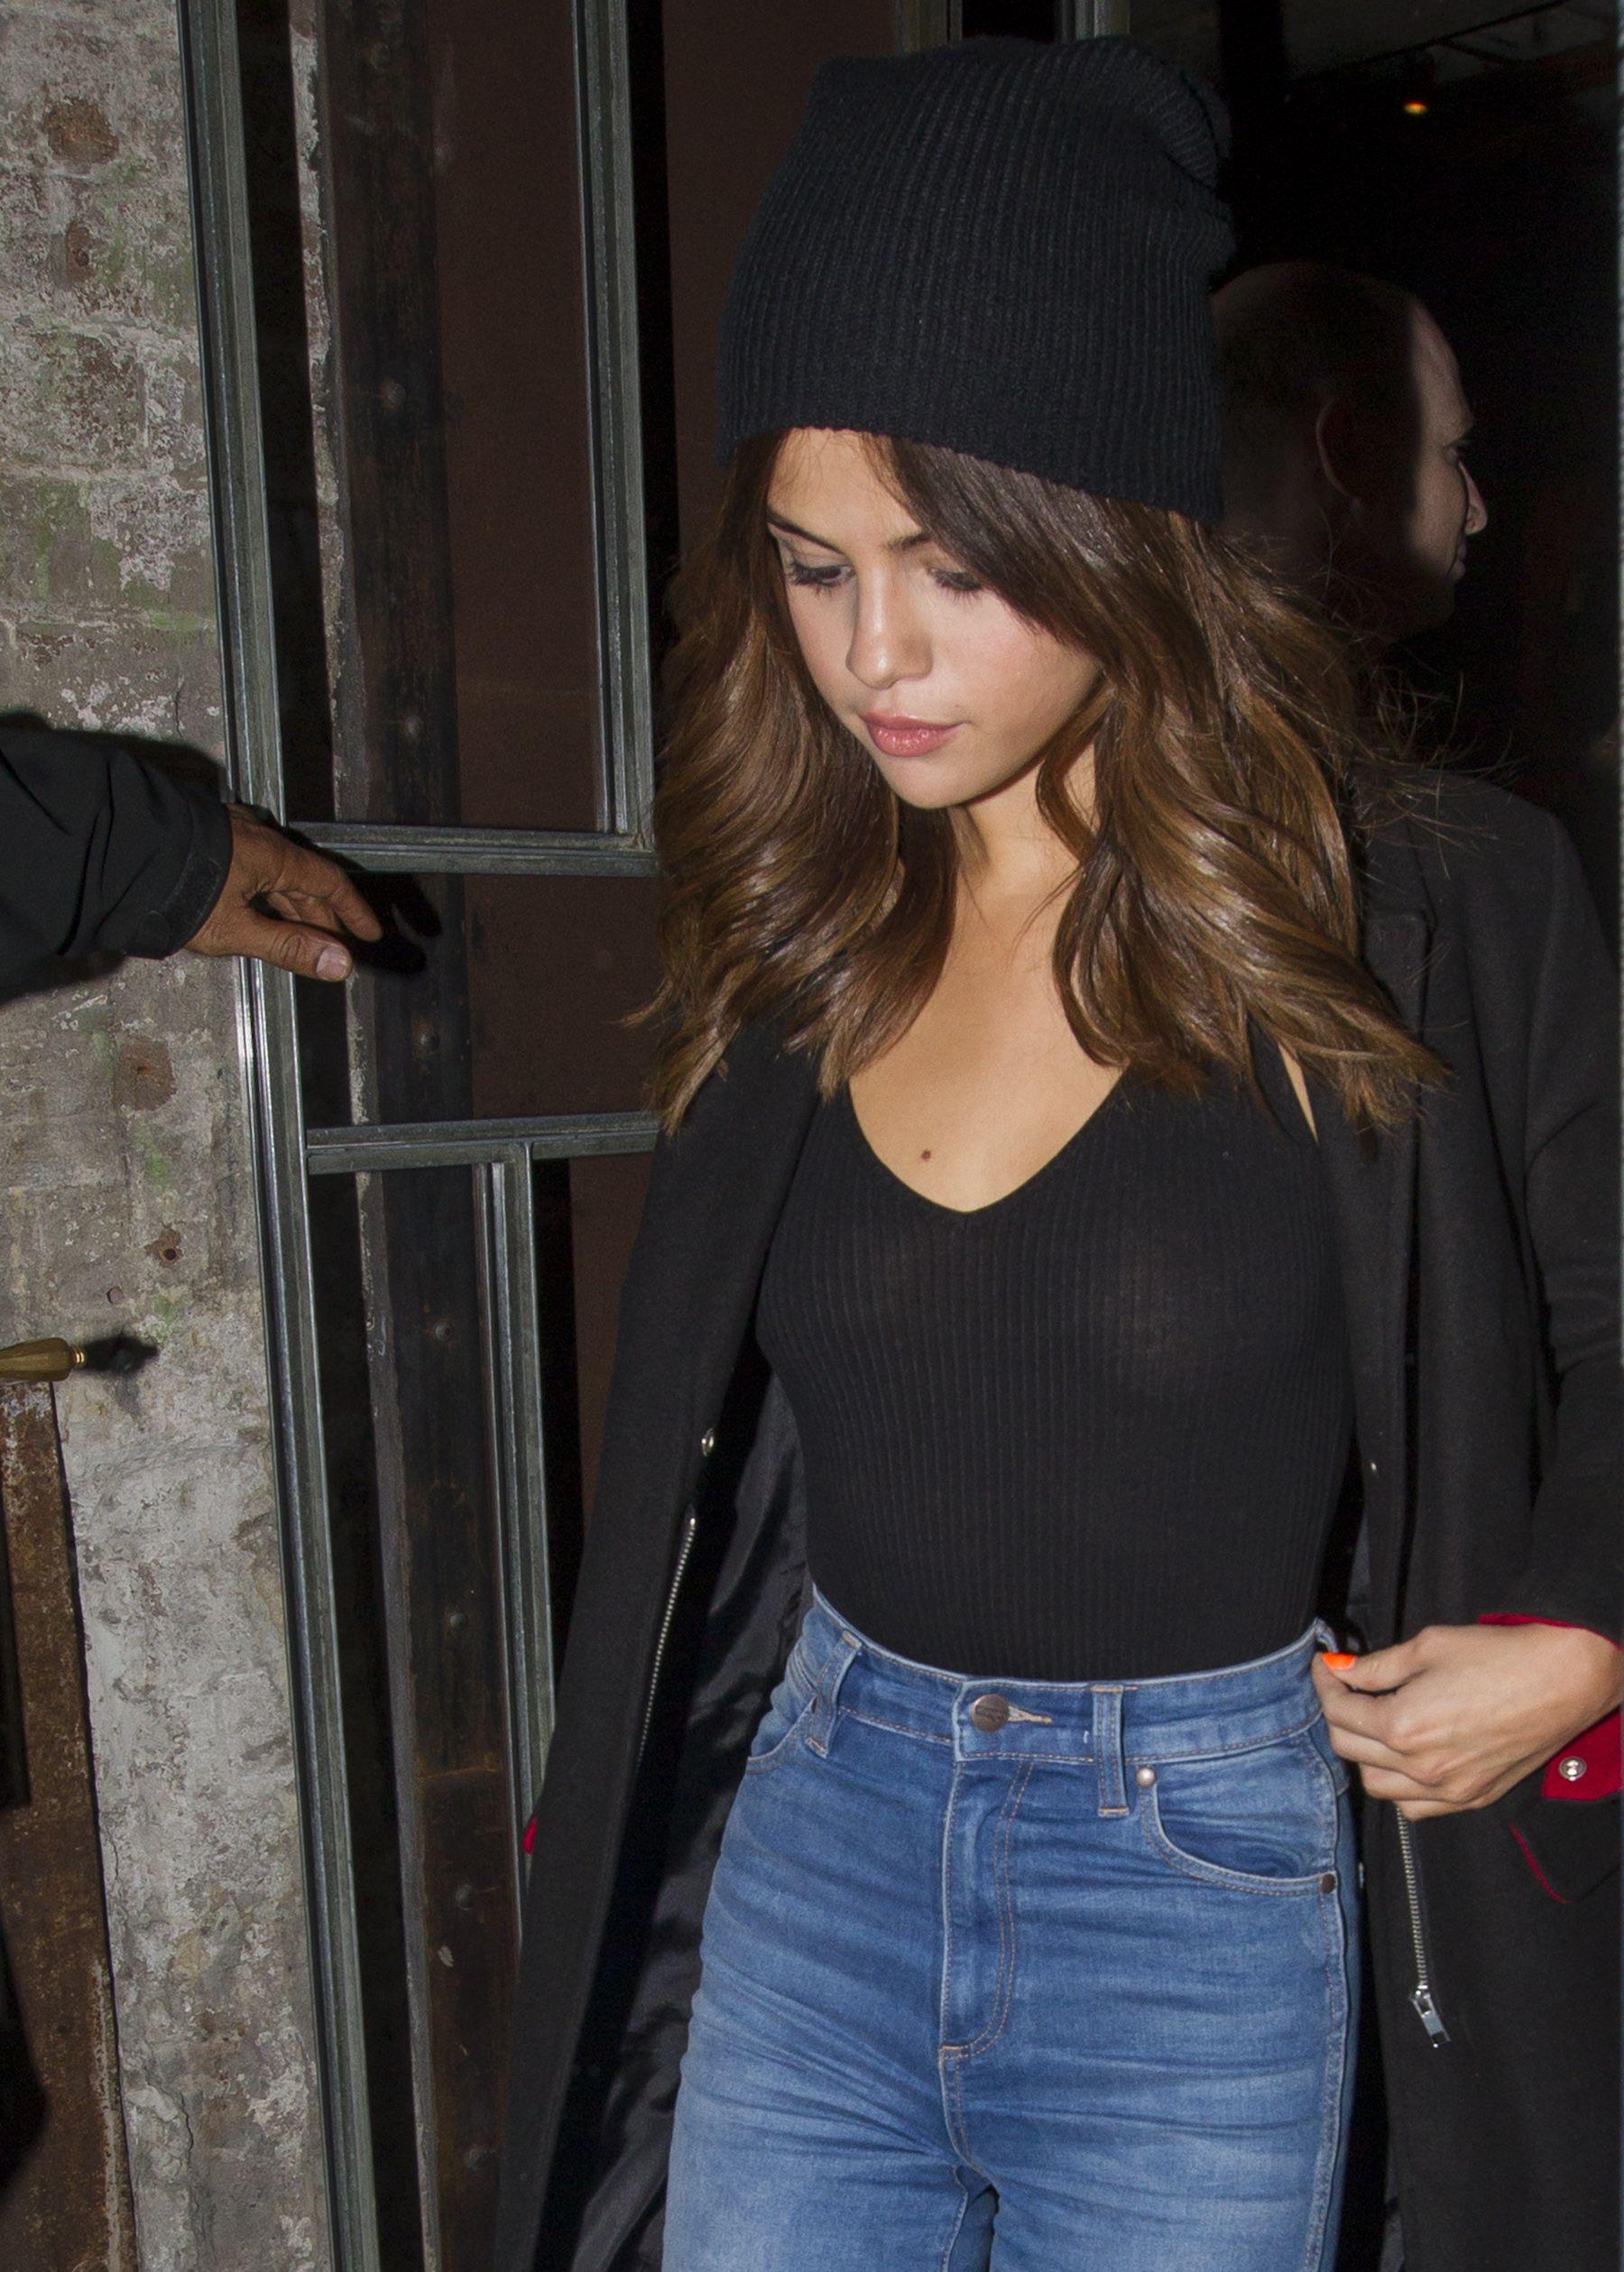 Selena Gomez Braless 2 Sn5996